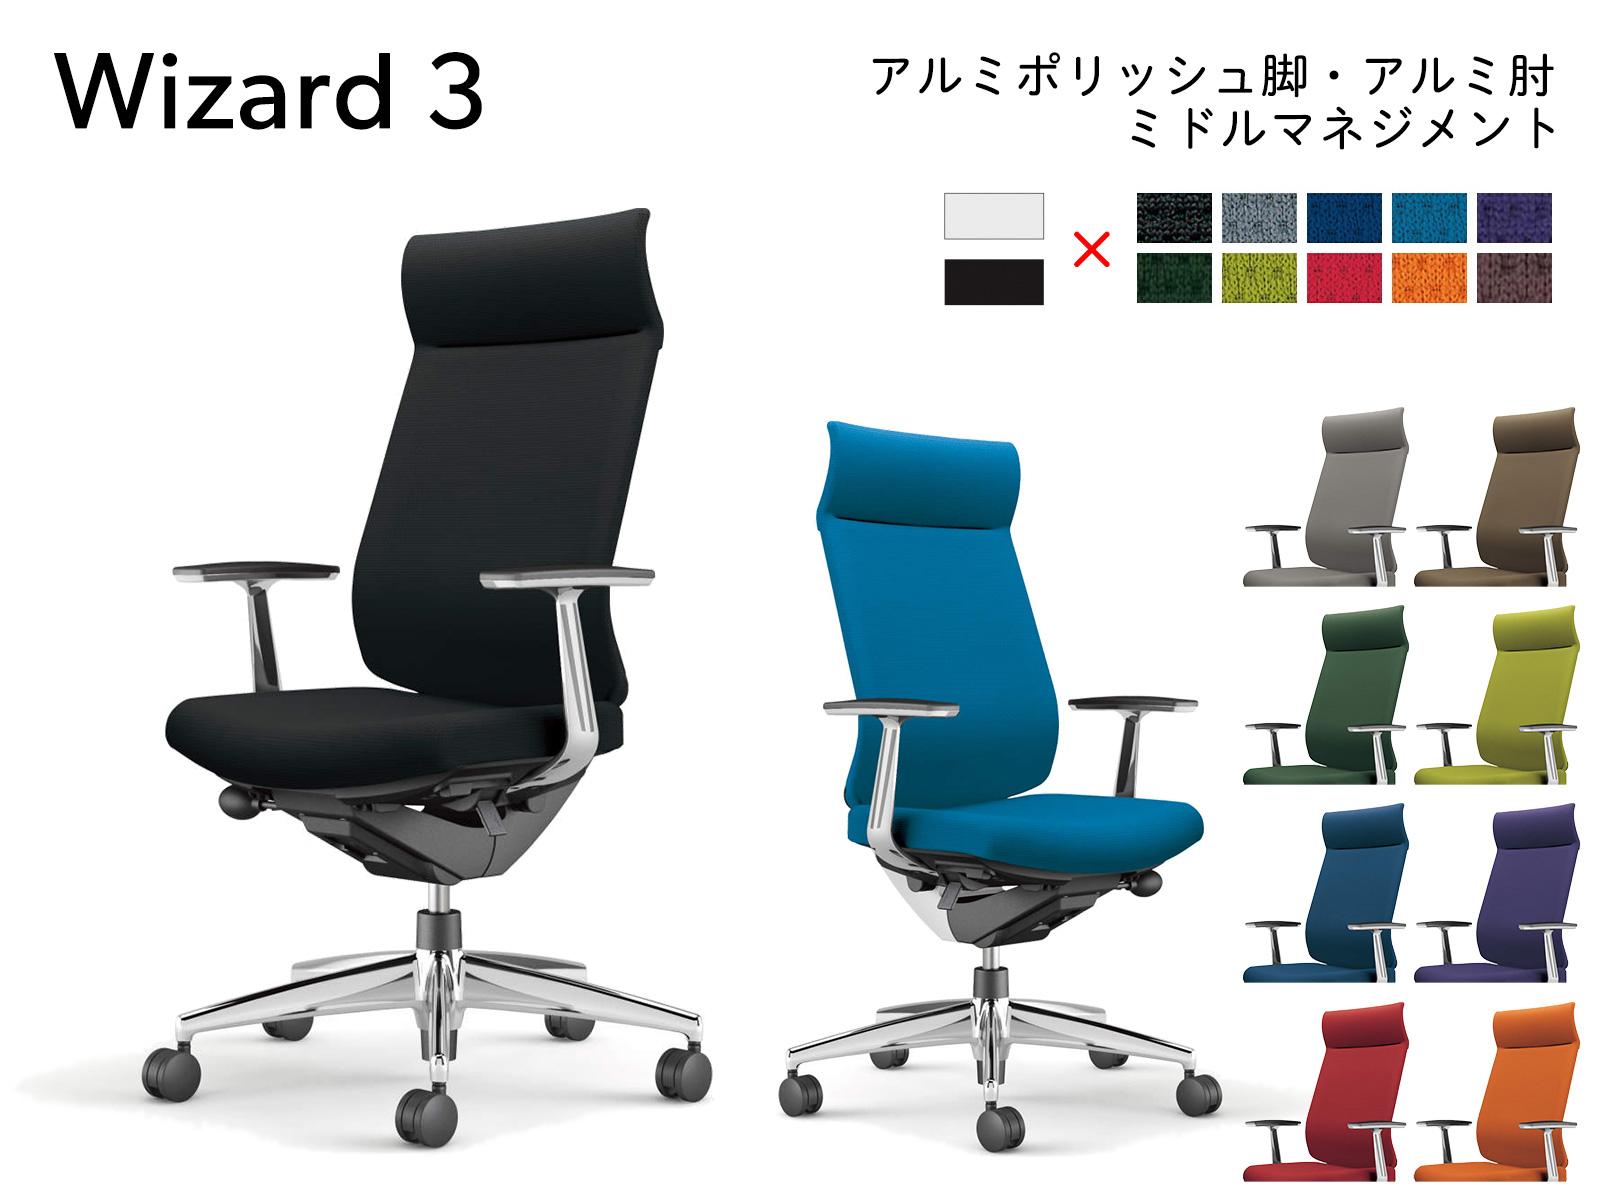 コクヨ オフィスチェア Wizard3 アルミポリッシュ脚 ミドルマネージメント アルミ肘 ウィザード3 CR-A3665